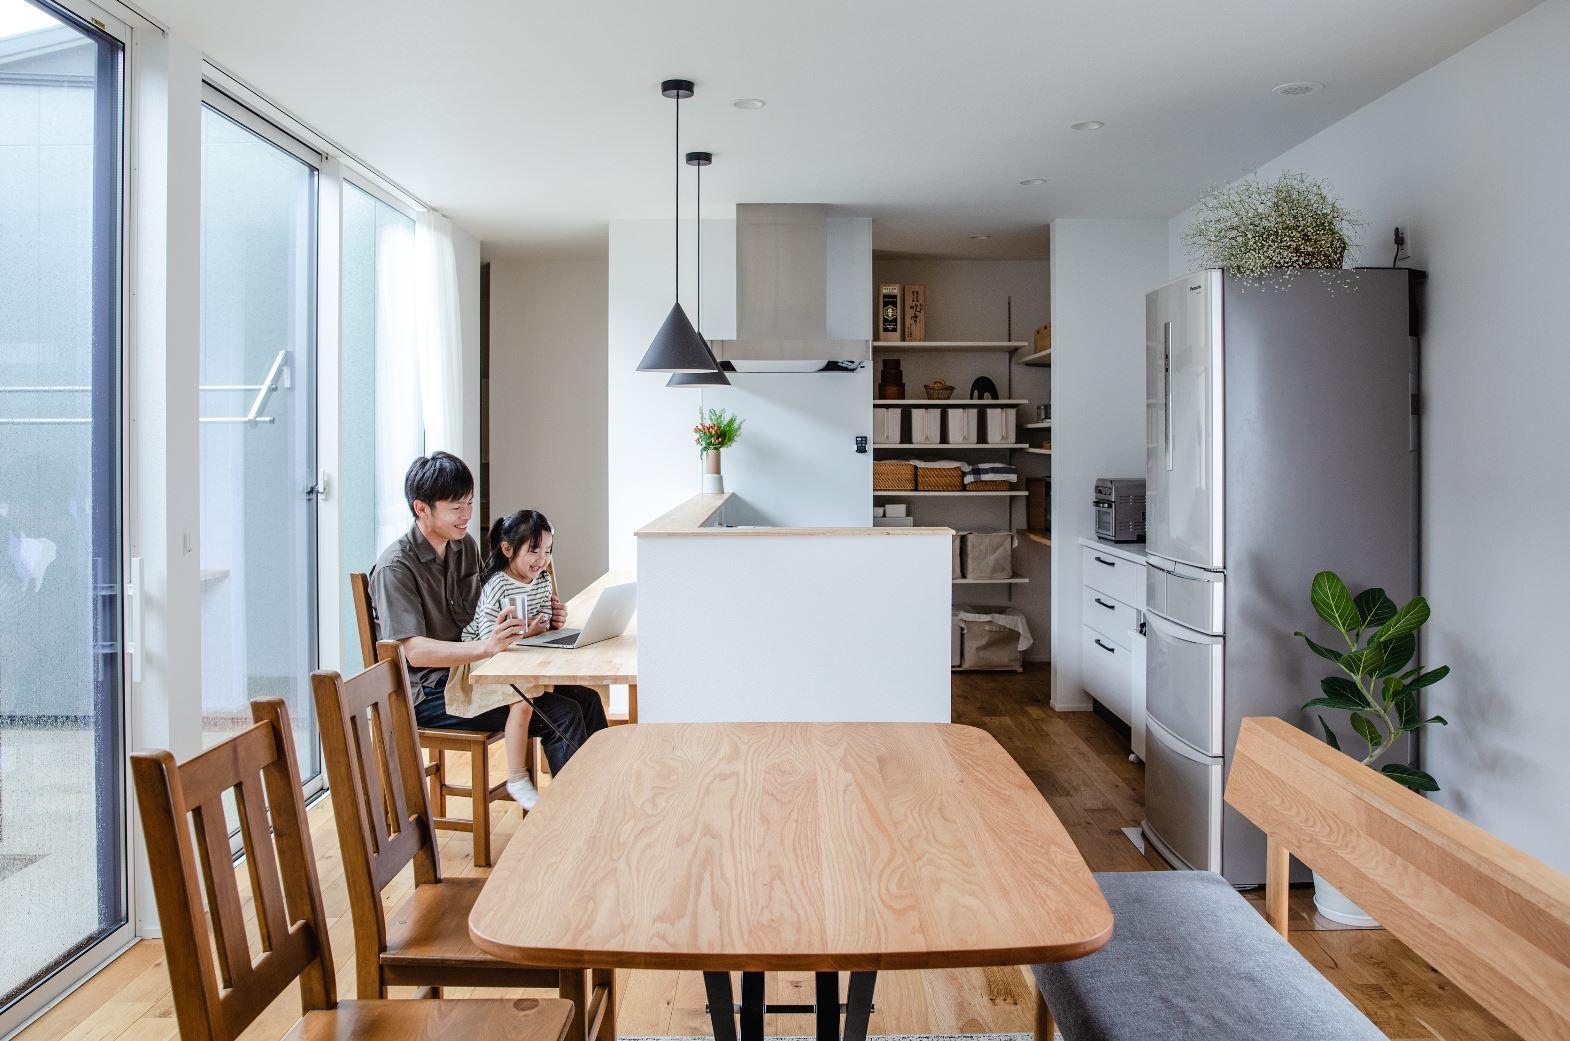 S.CONNECT(エスコネクト)【デザイン住宅、間取り、平屋】シンプルなデザインに、奥さまの大好きなグリーンやスワッグが映える